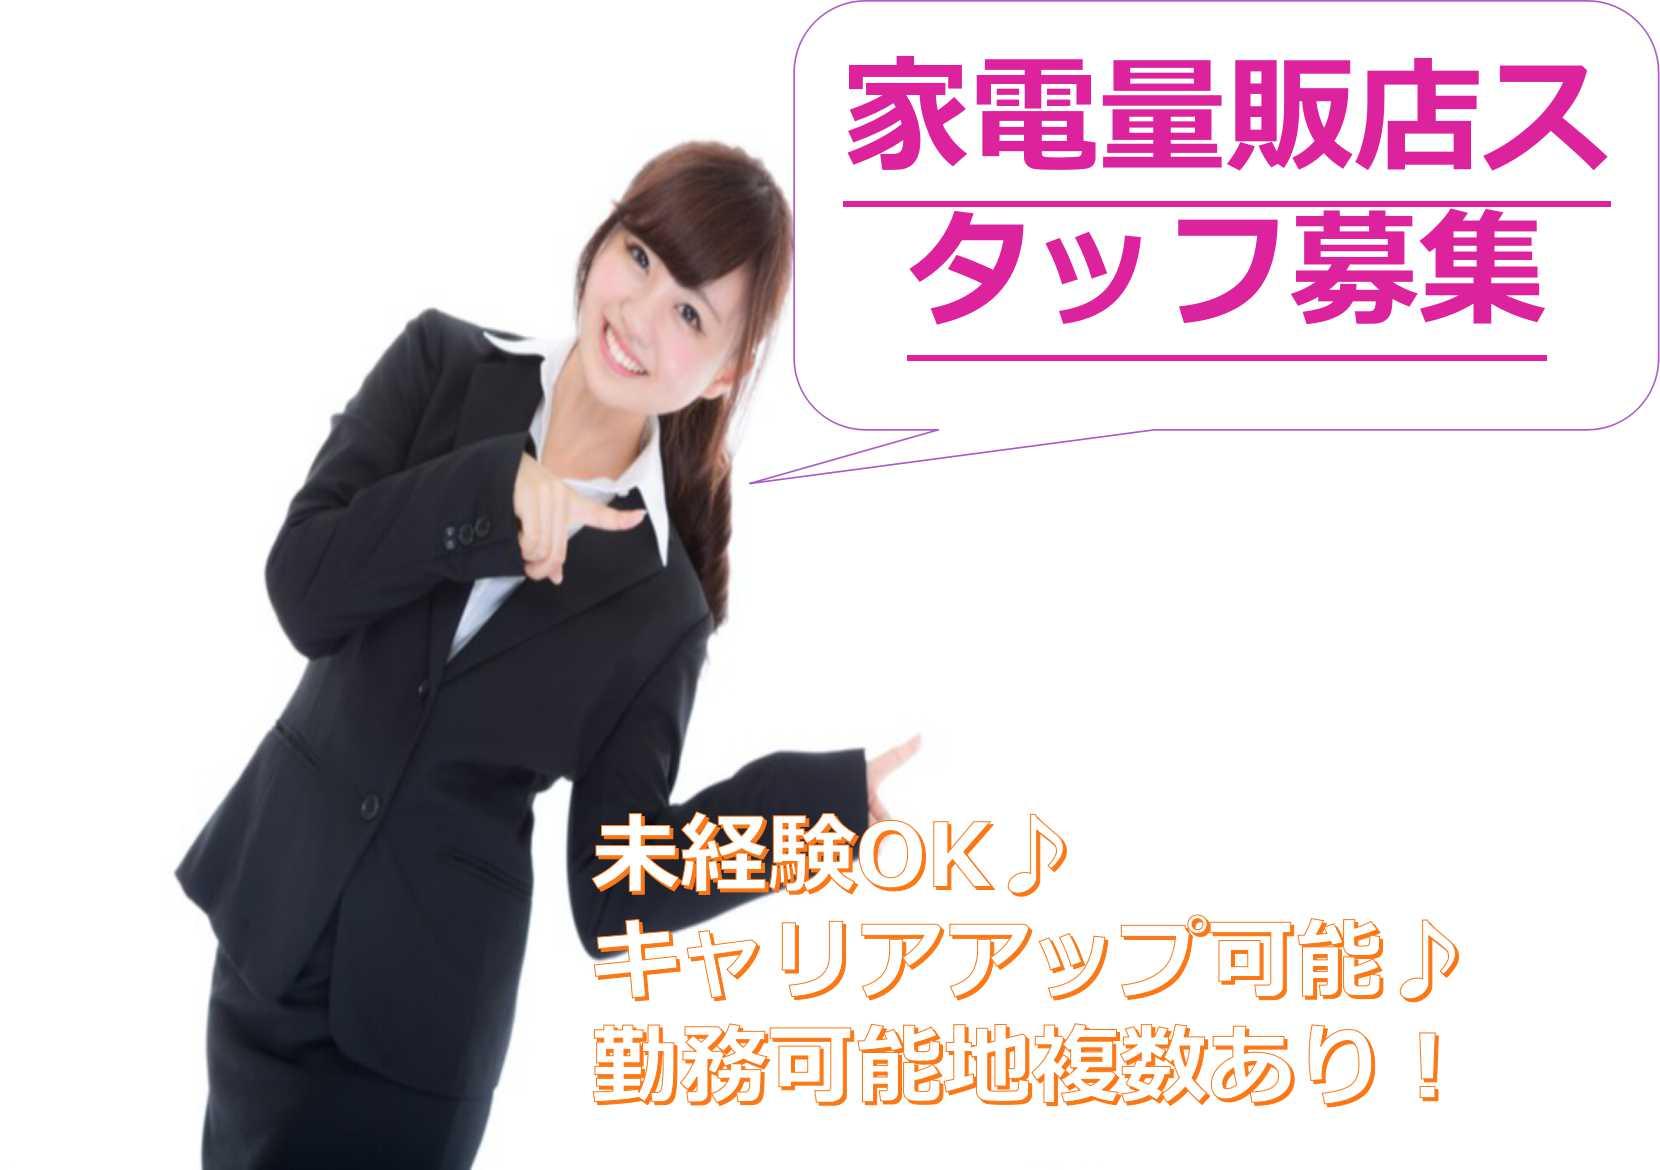 【静岡県】勤務可能地複数!未経験OKの家電量販店スタッフ【即面談可能】 イメージ